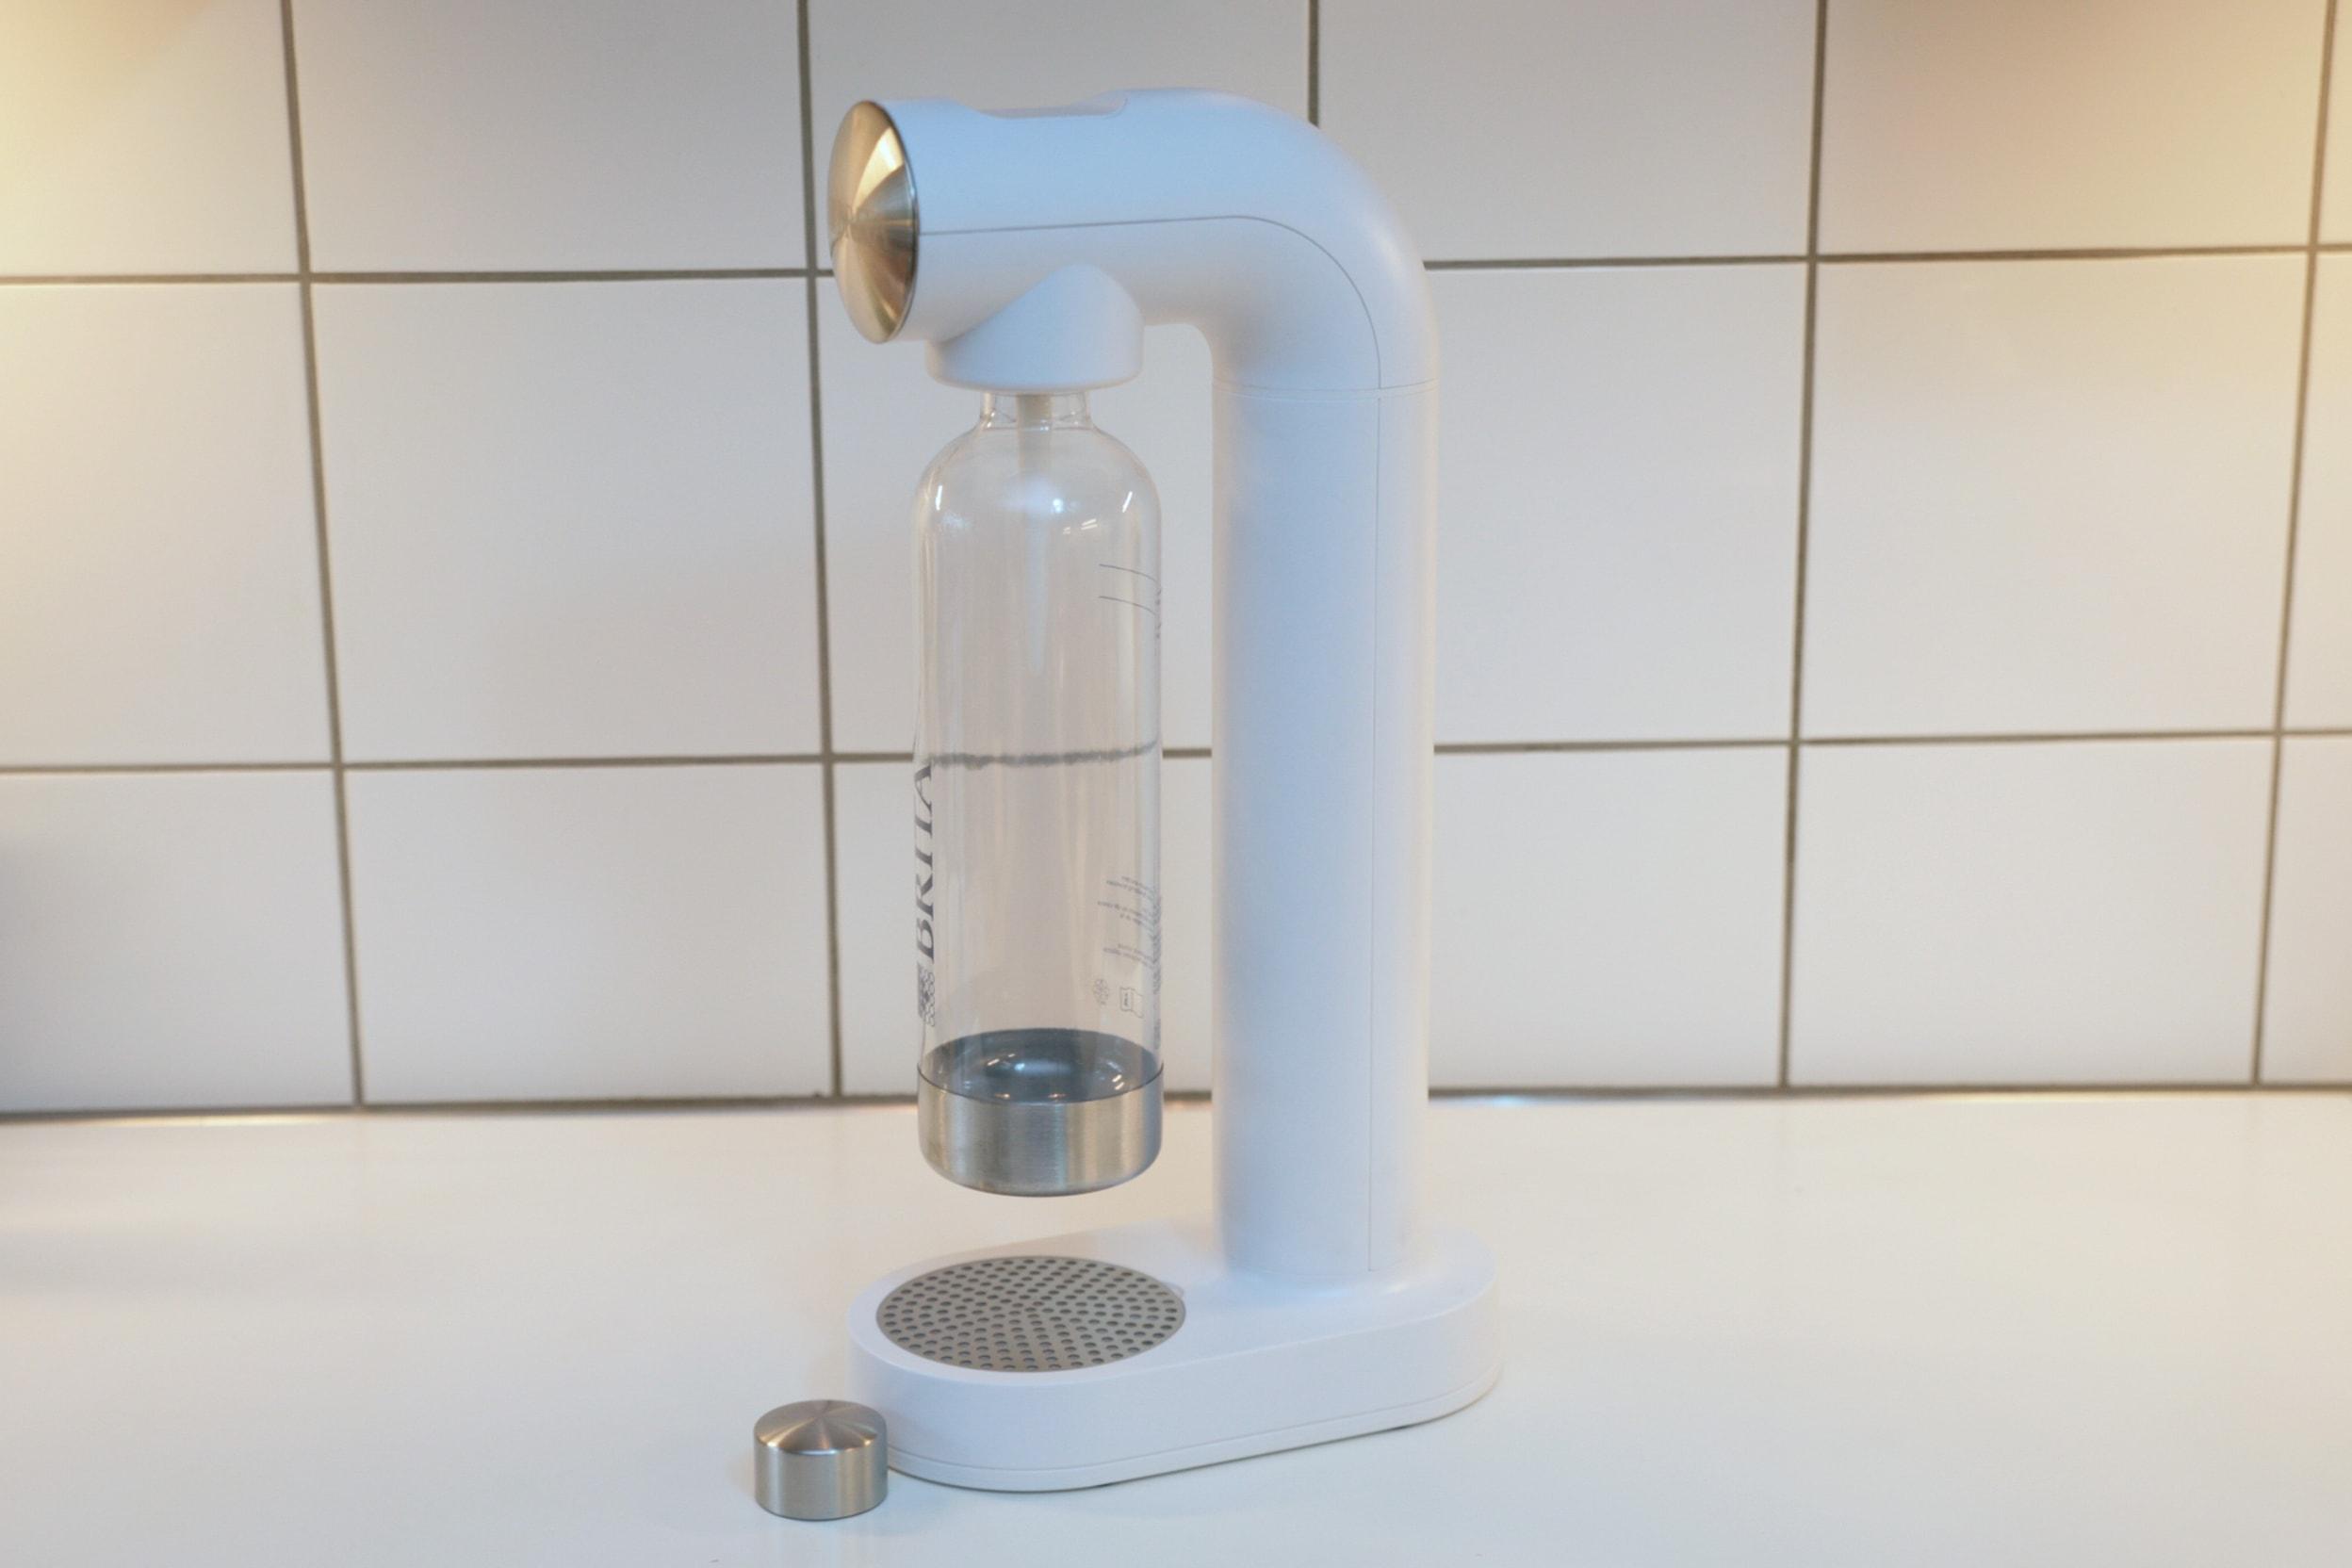 Britas Gerät mit Flasche in weiß